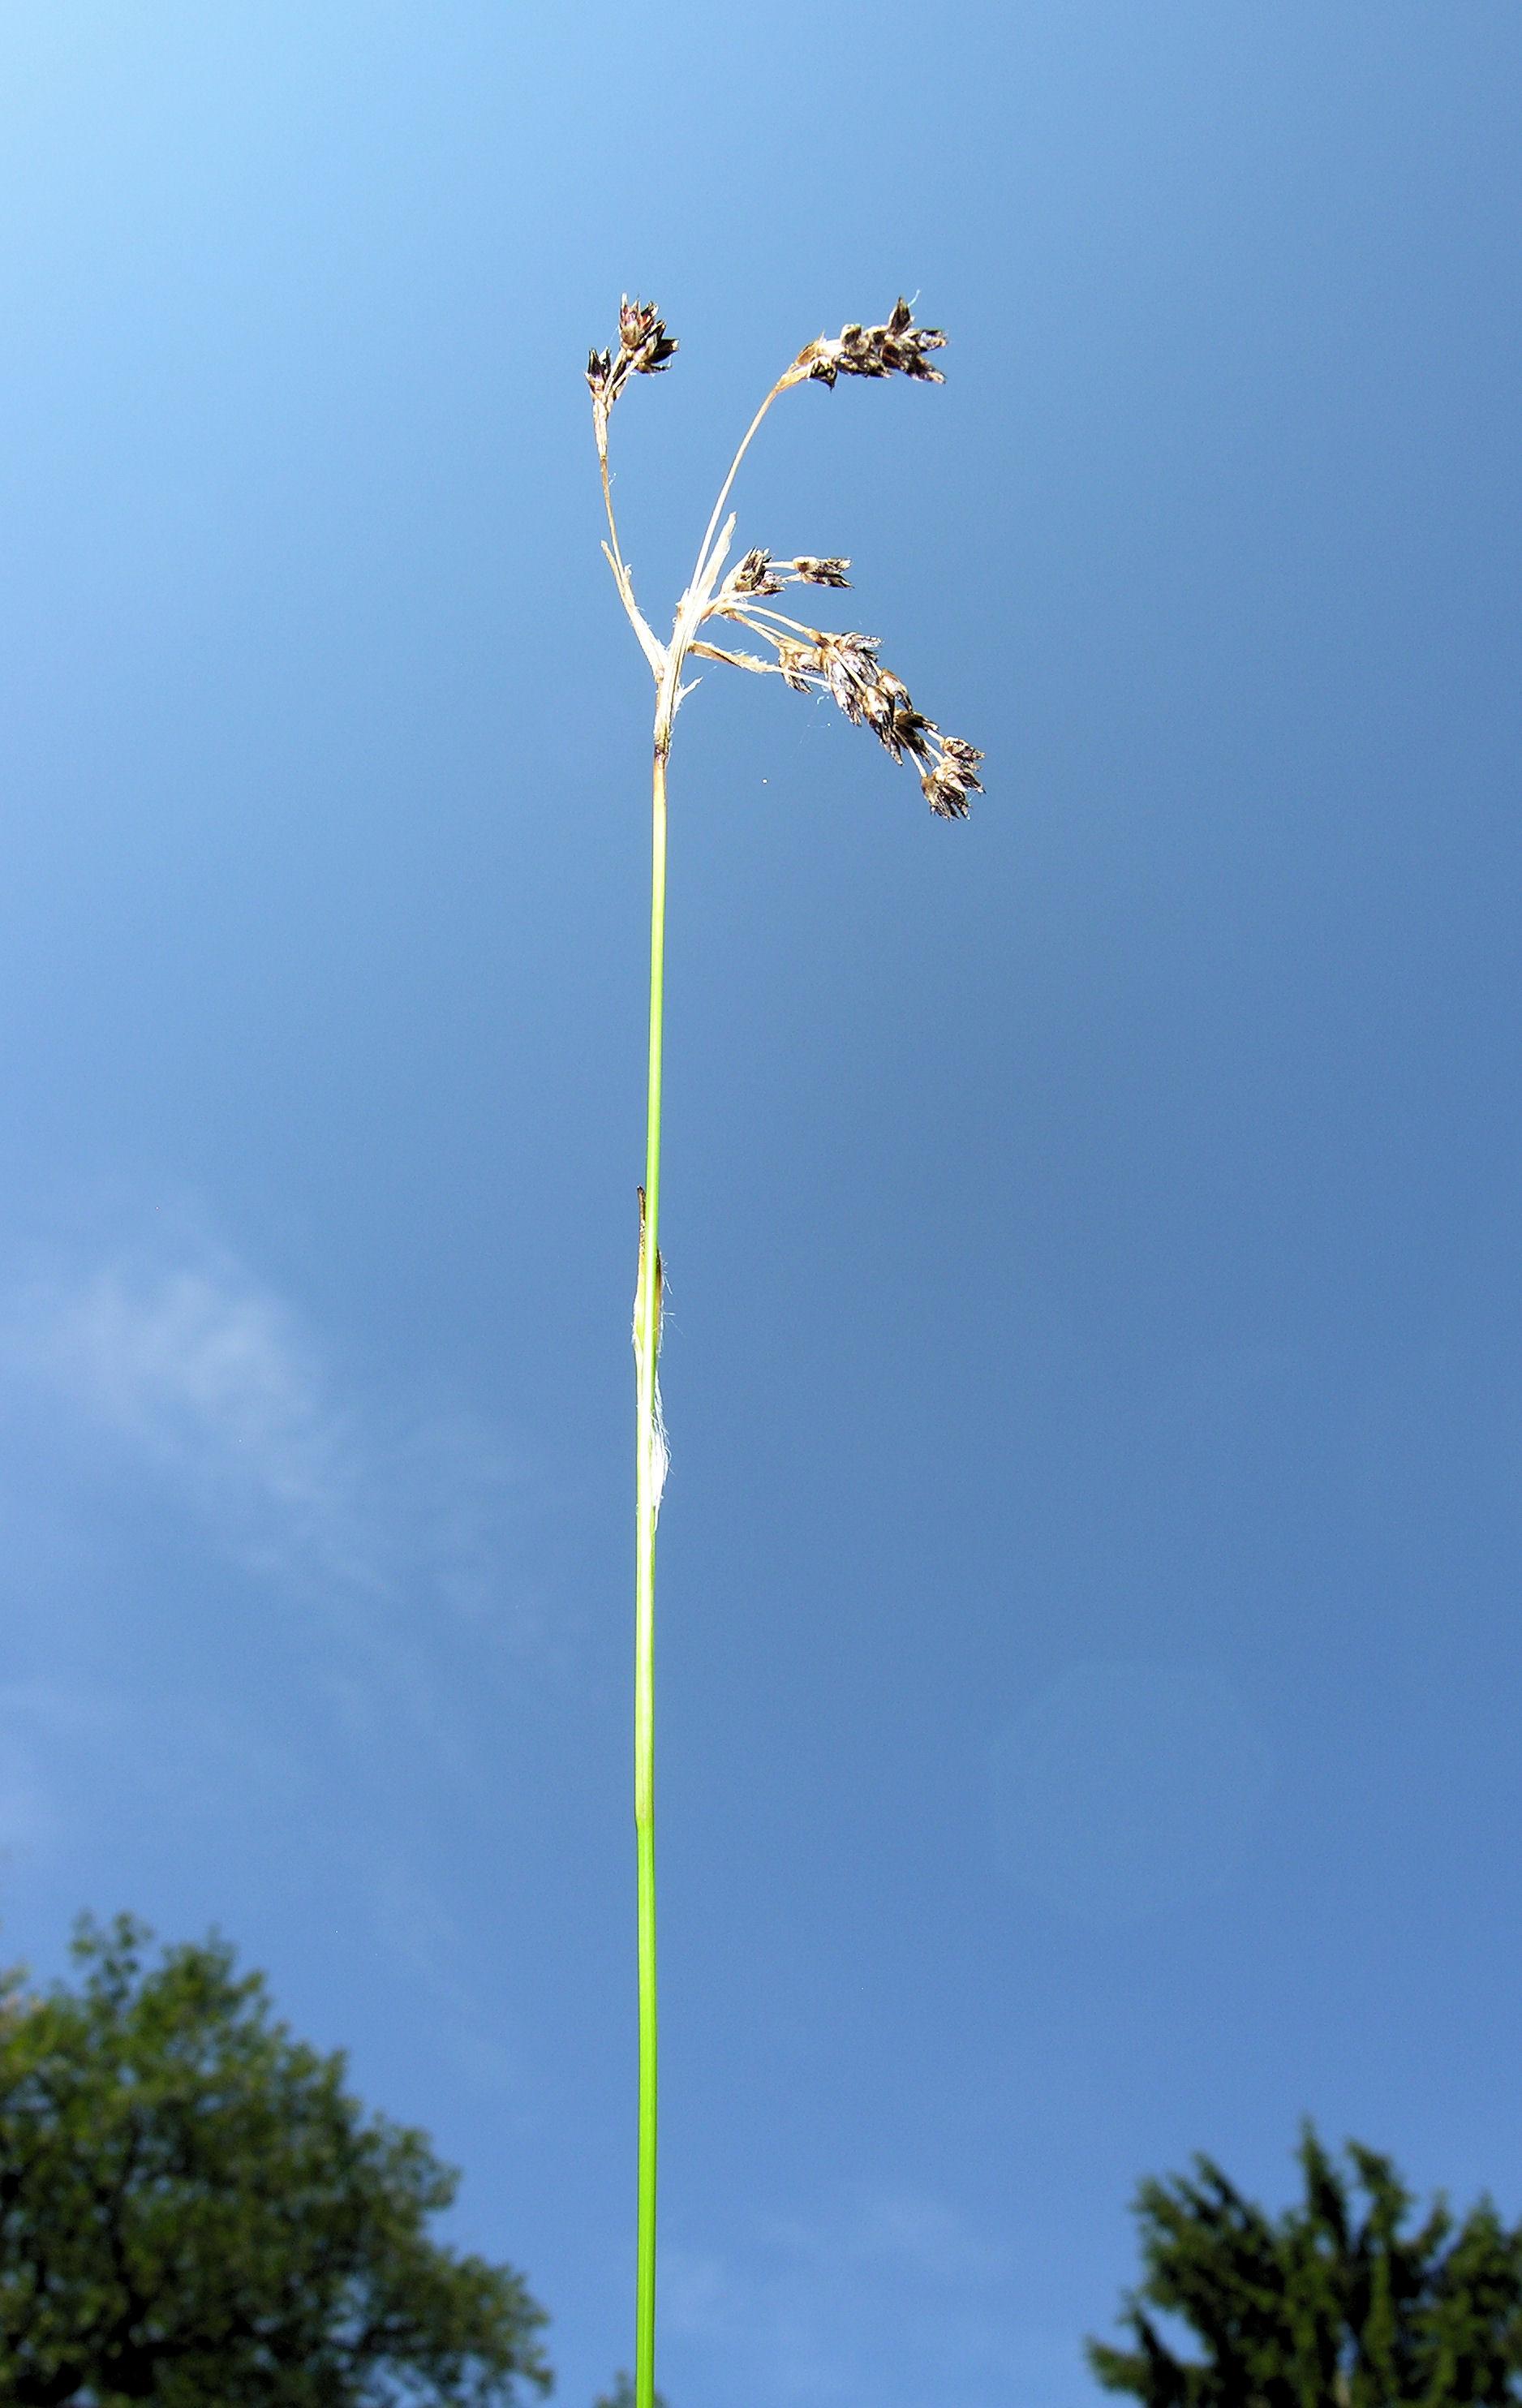 © Dipartimento di Scienze della Vita, Università degli Studi di Trieste<br>by Andrea Moro<br>Conservatoire et jardin botaniques de la Ville de Genève, Svizzera, 06.06.2009<br>Distributed under CC-BY-SA 4.0 license.